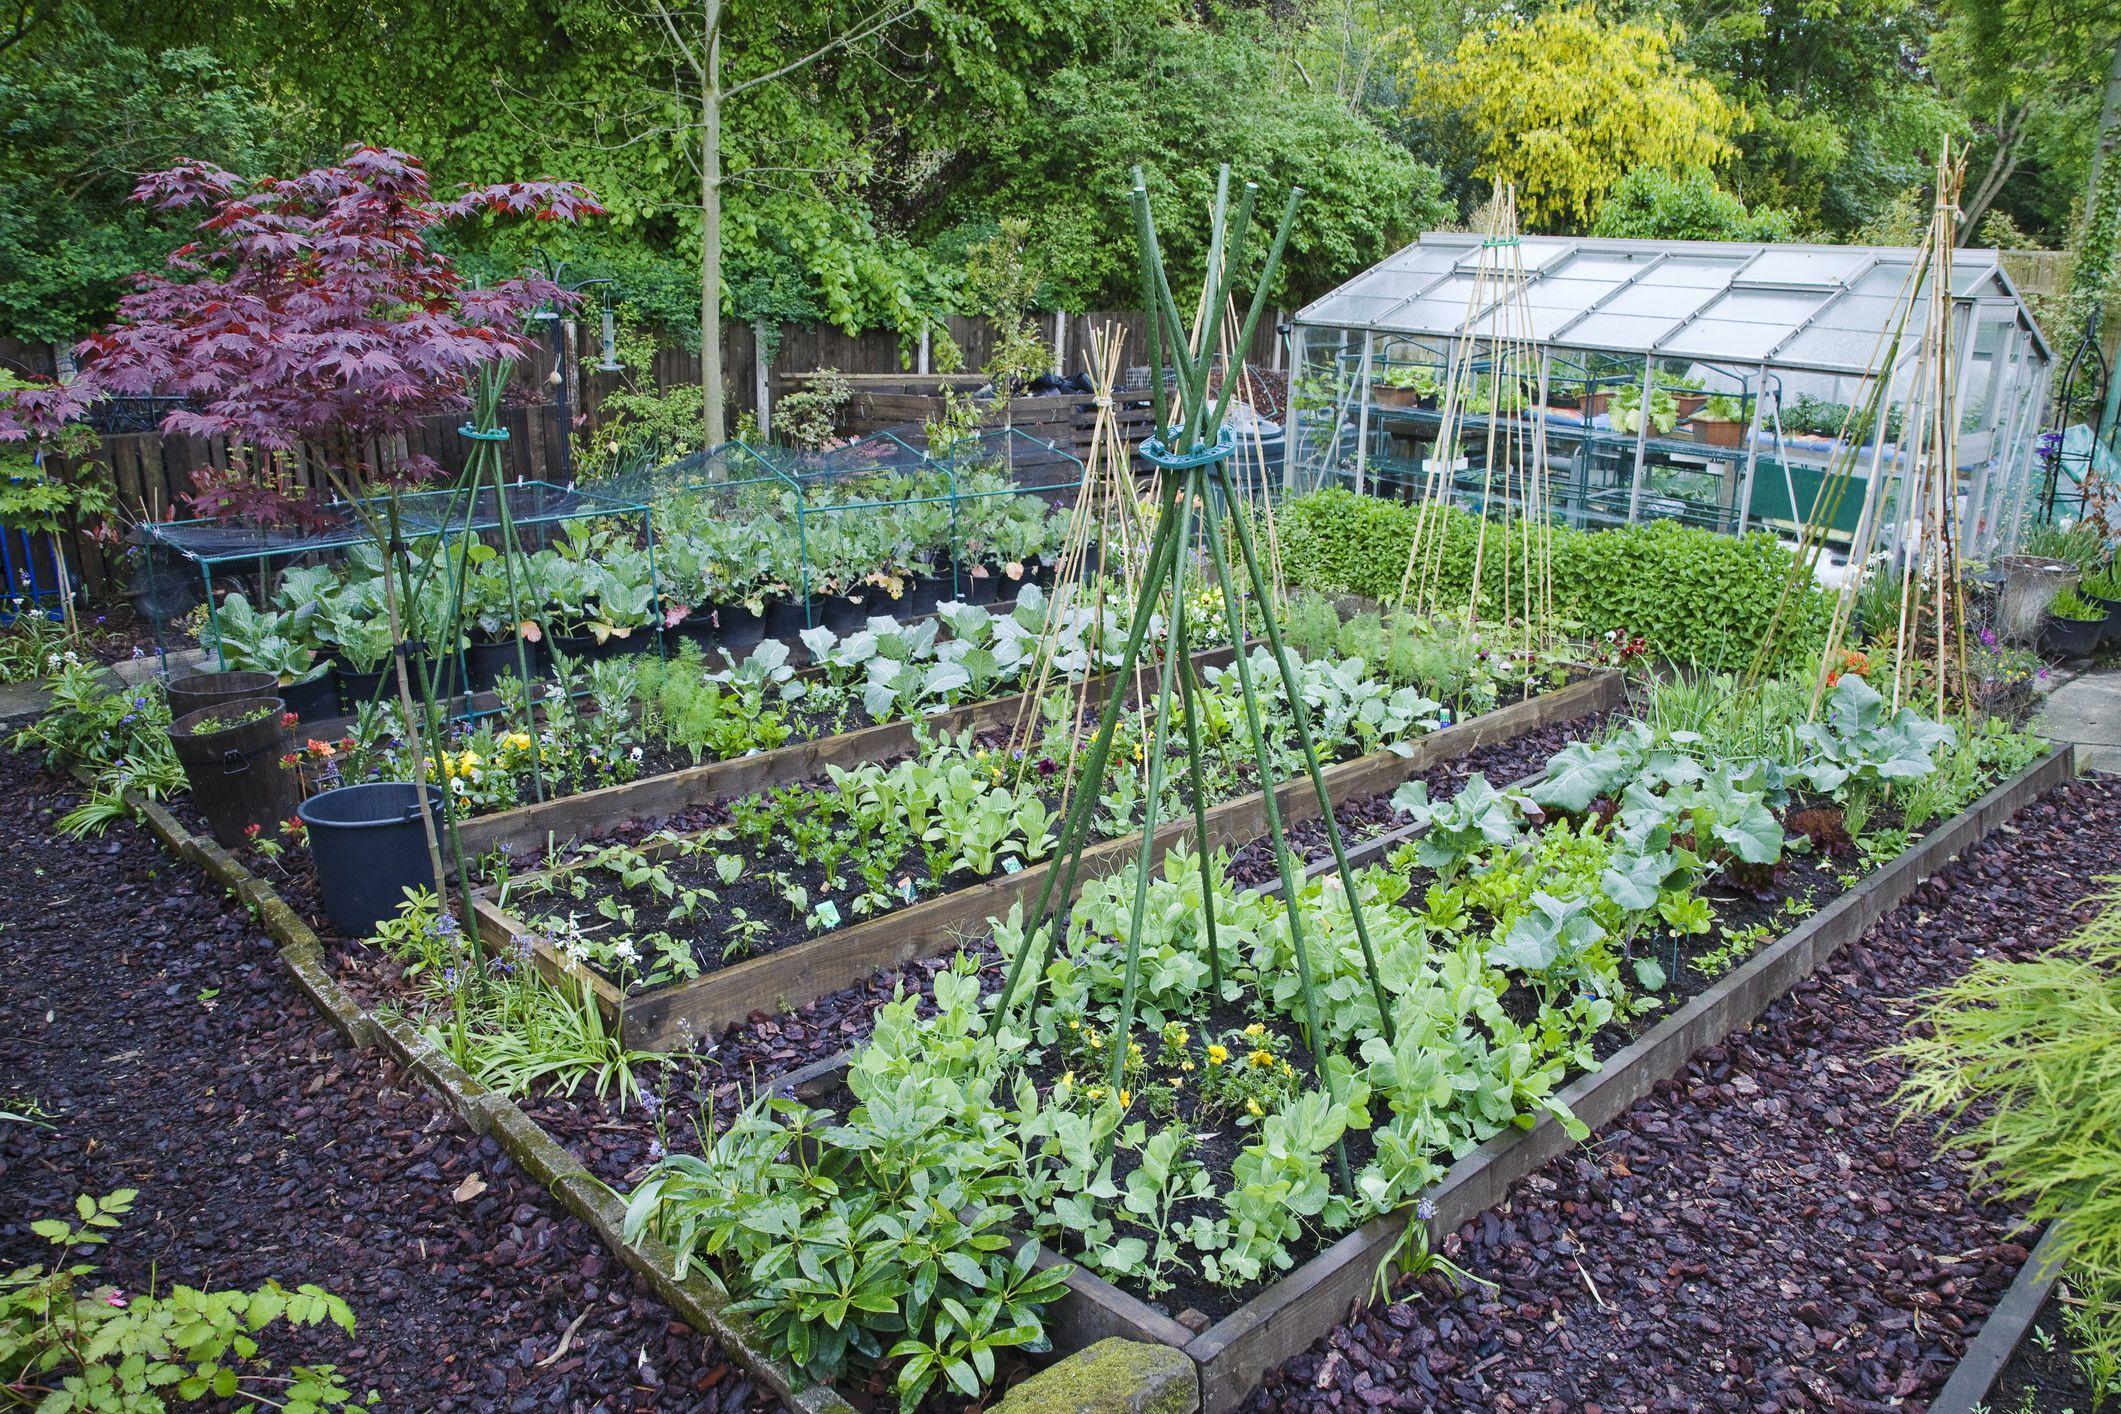 Best vegetable garden ideas for you - CareHomeDecor